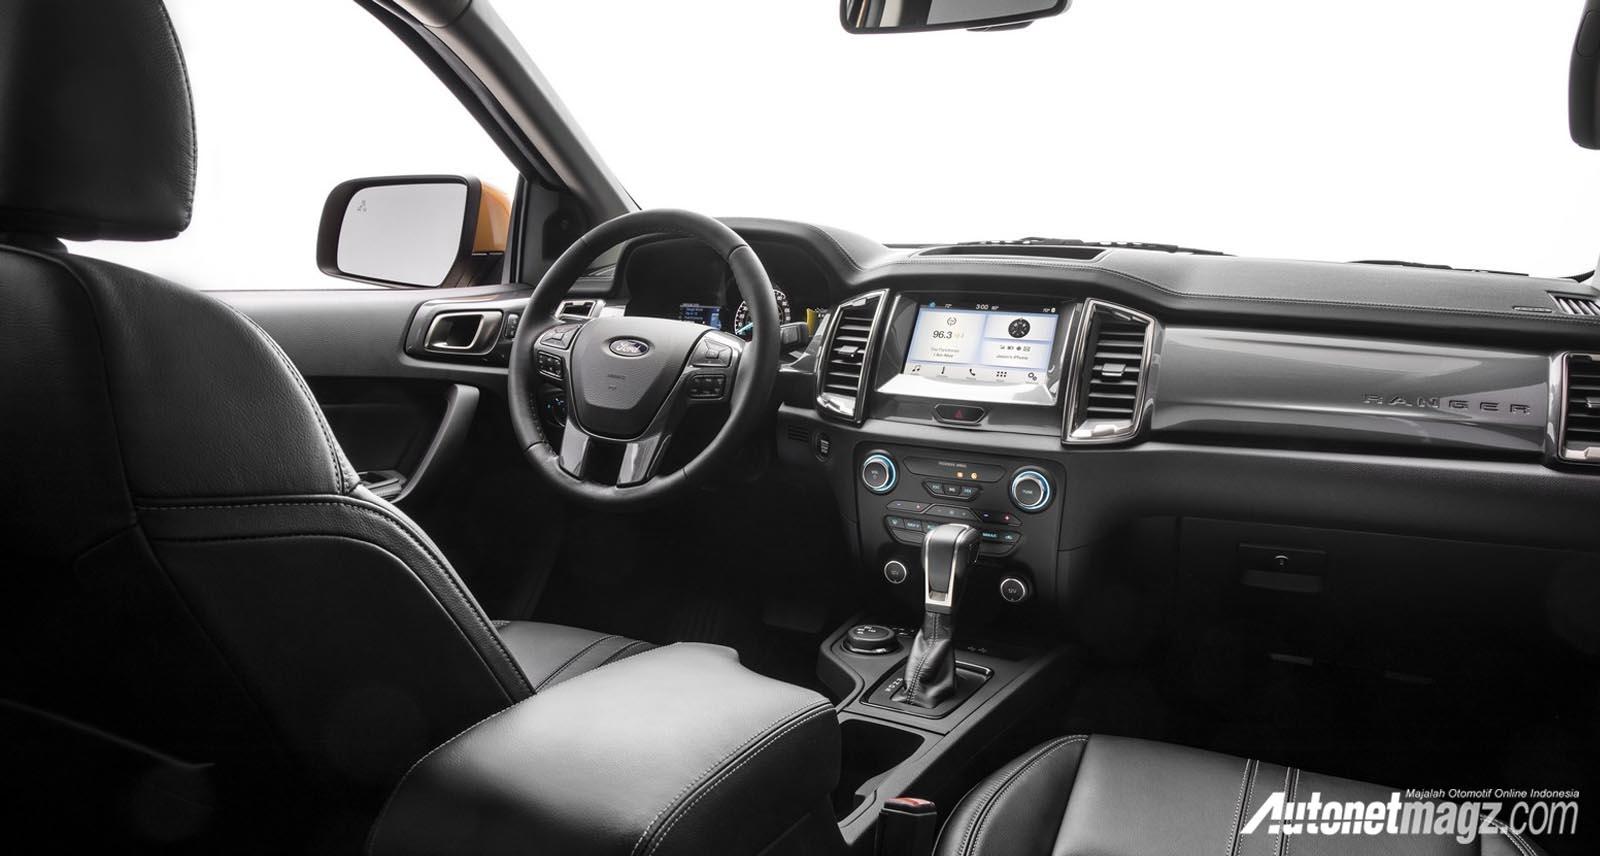 Berita dashboard ford ranger 2018 ford ranger 2018 mesin ecoboost dan transmisi 10